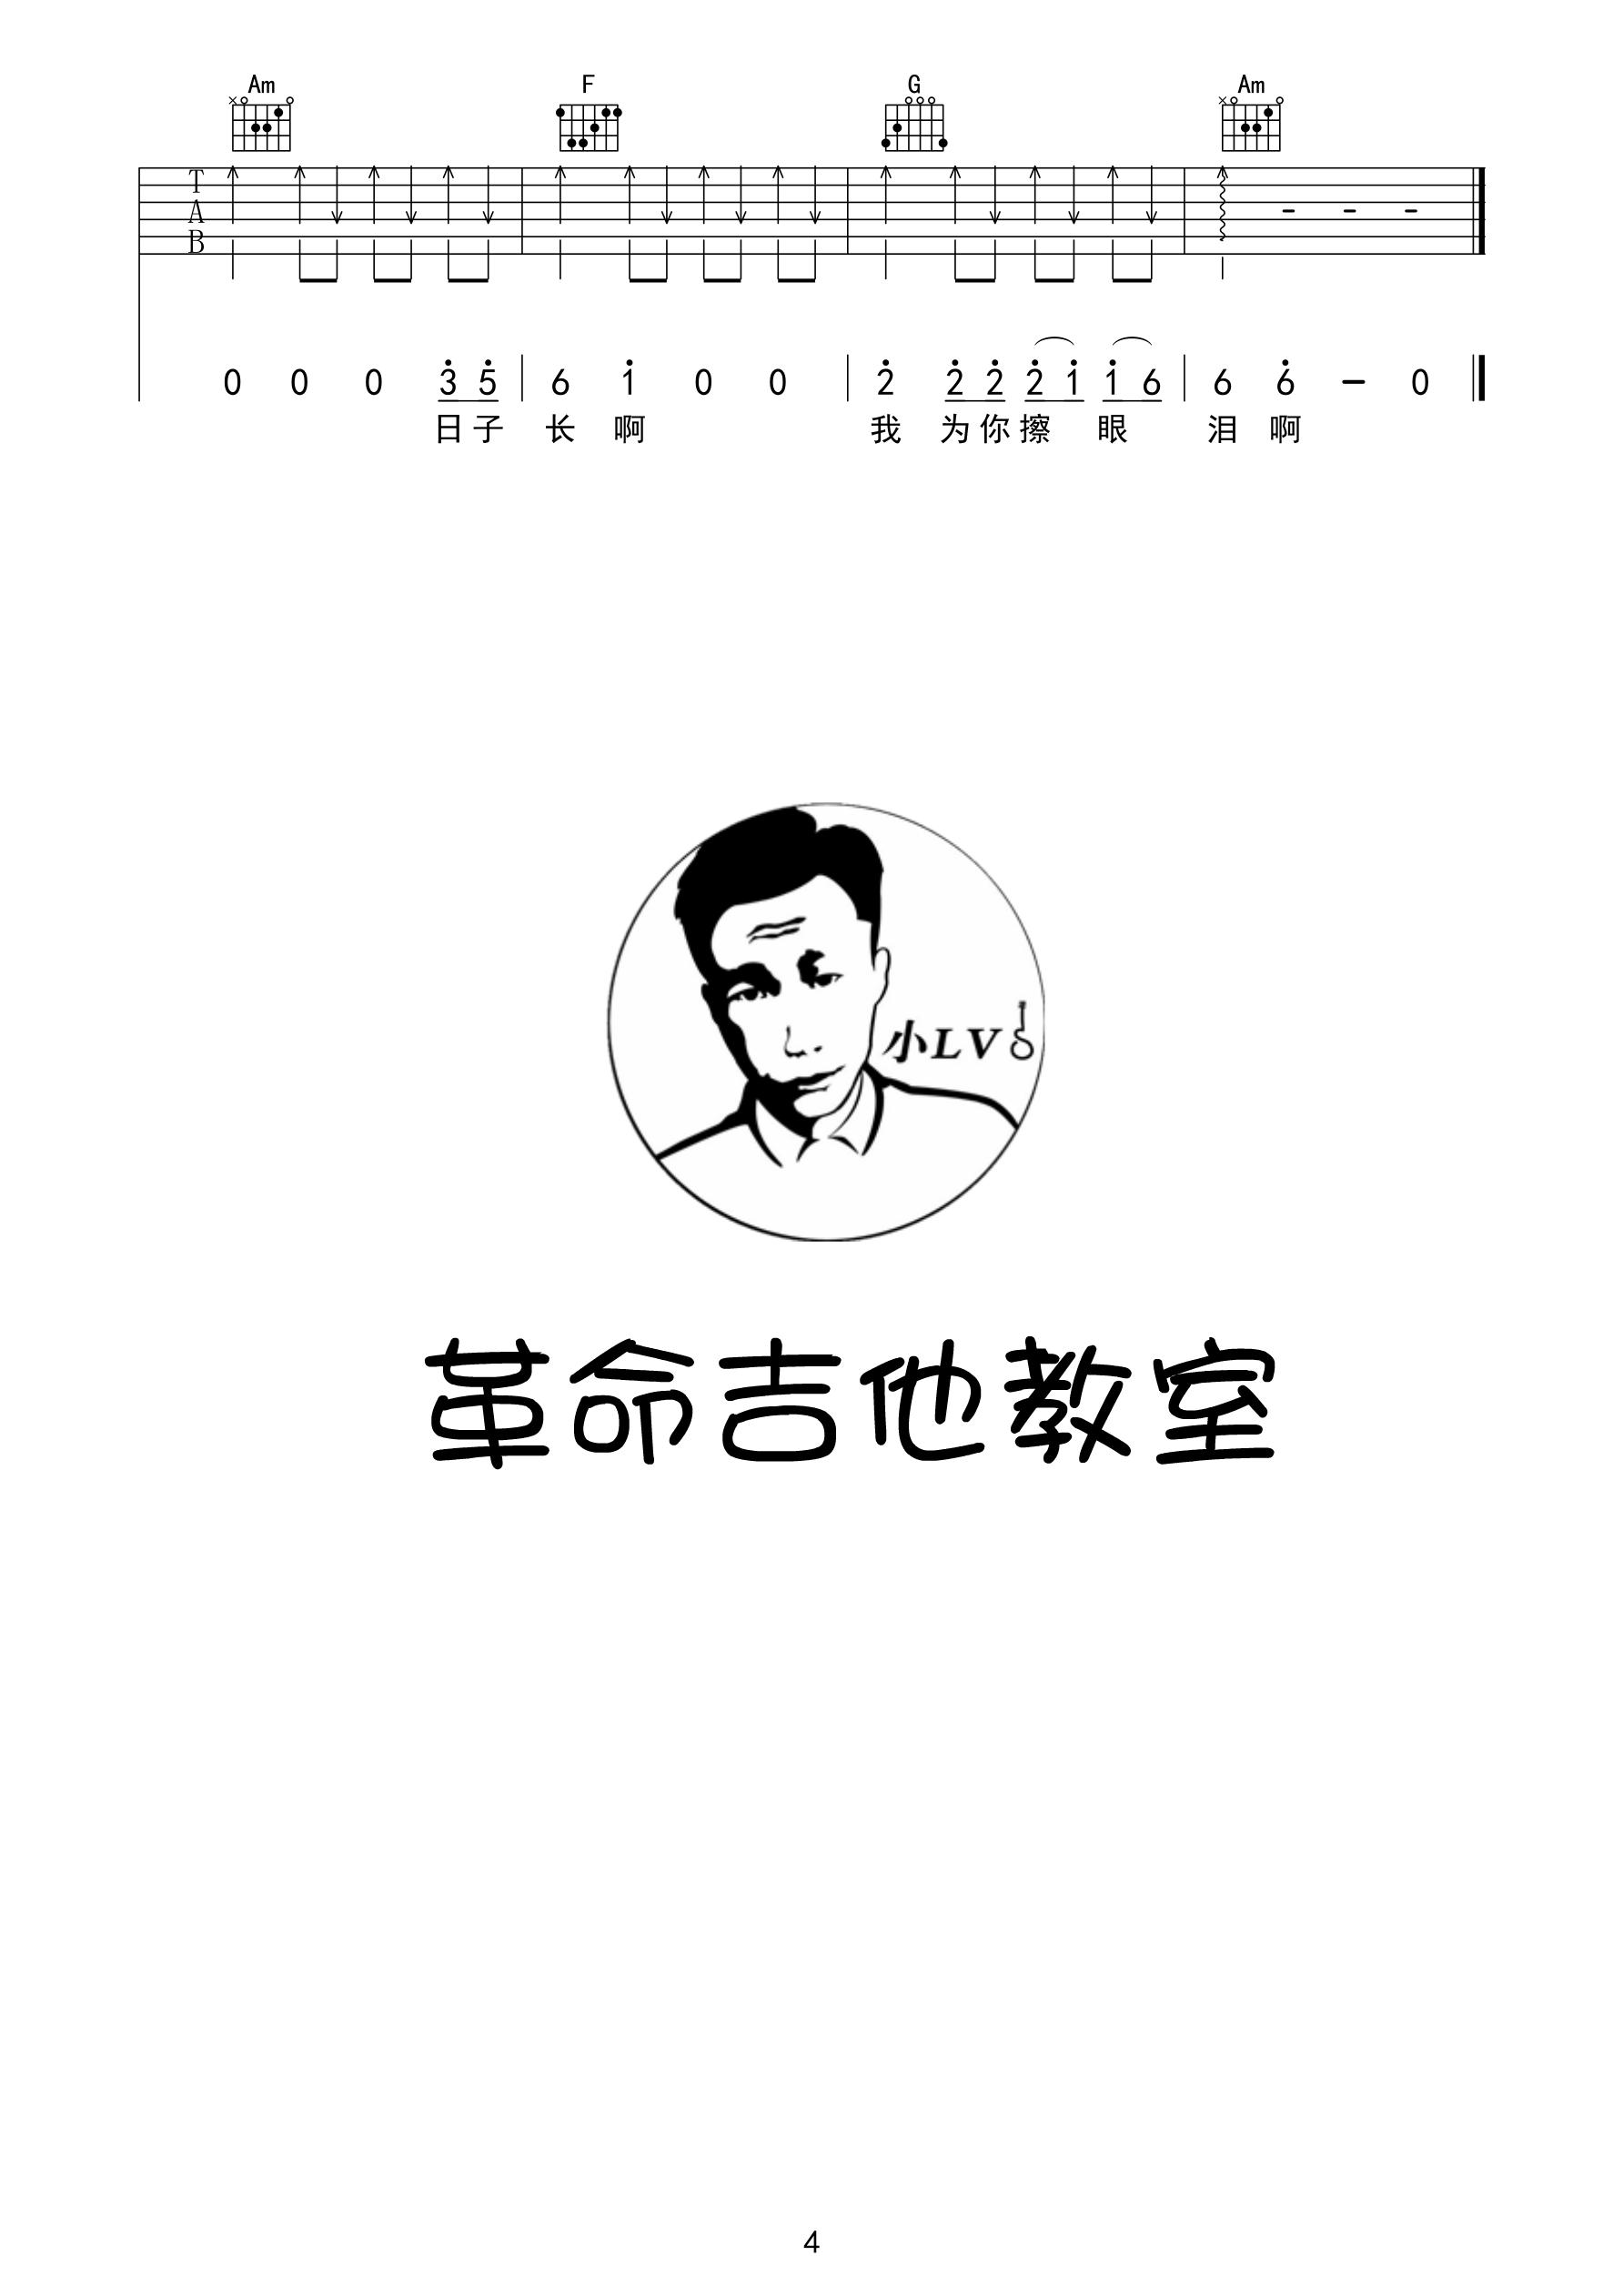 鍚変粬璋� 绗�4椤�